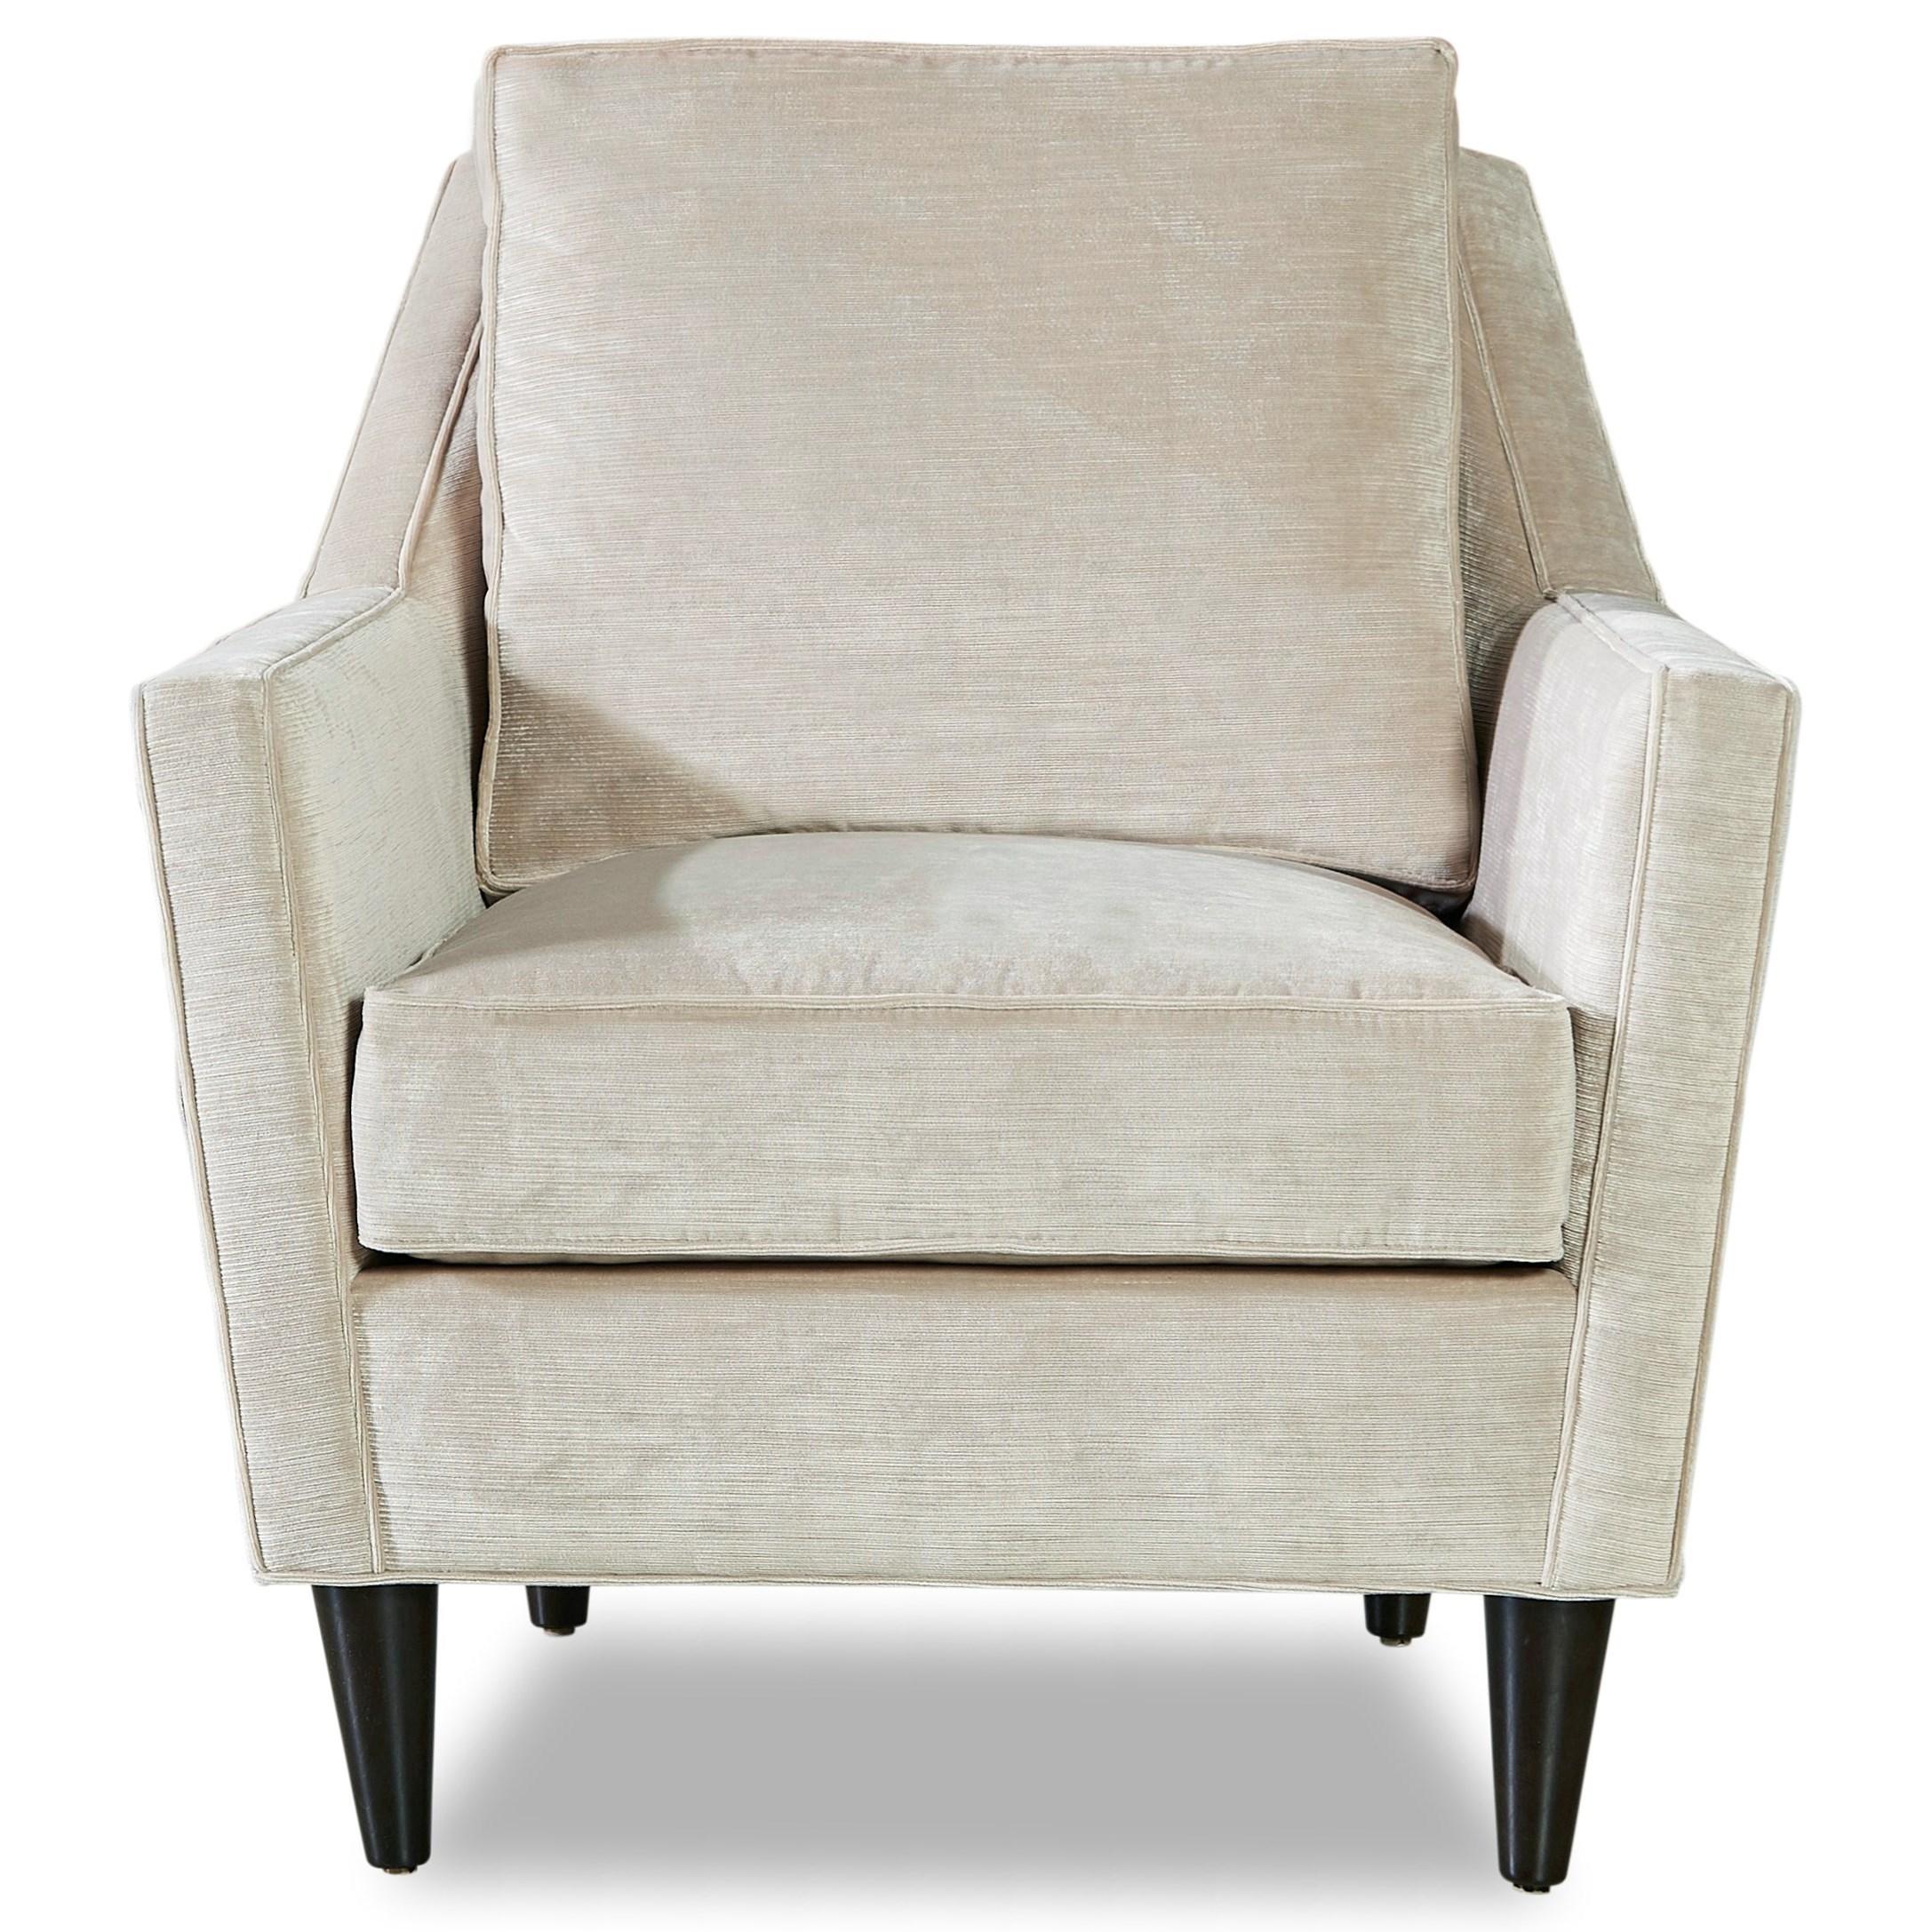 7767 Chair by Geoffrey Alexander at Sprintz Furniture